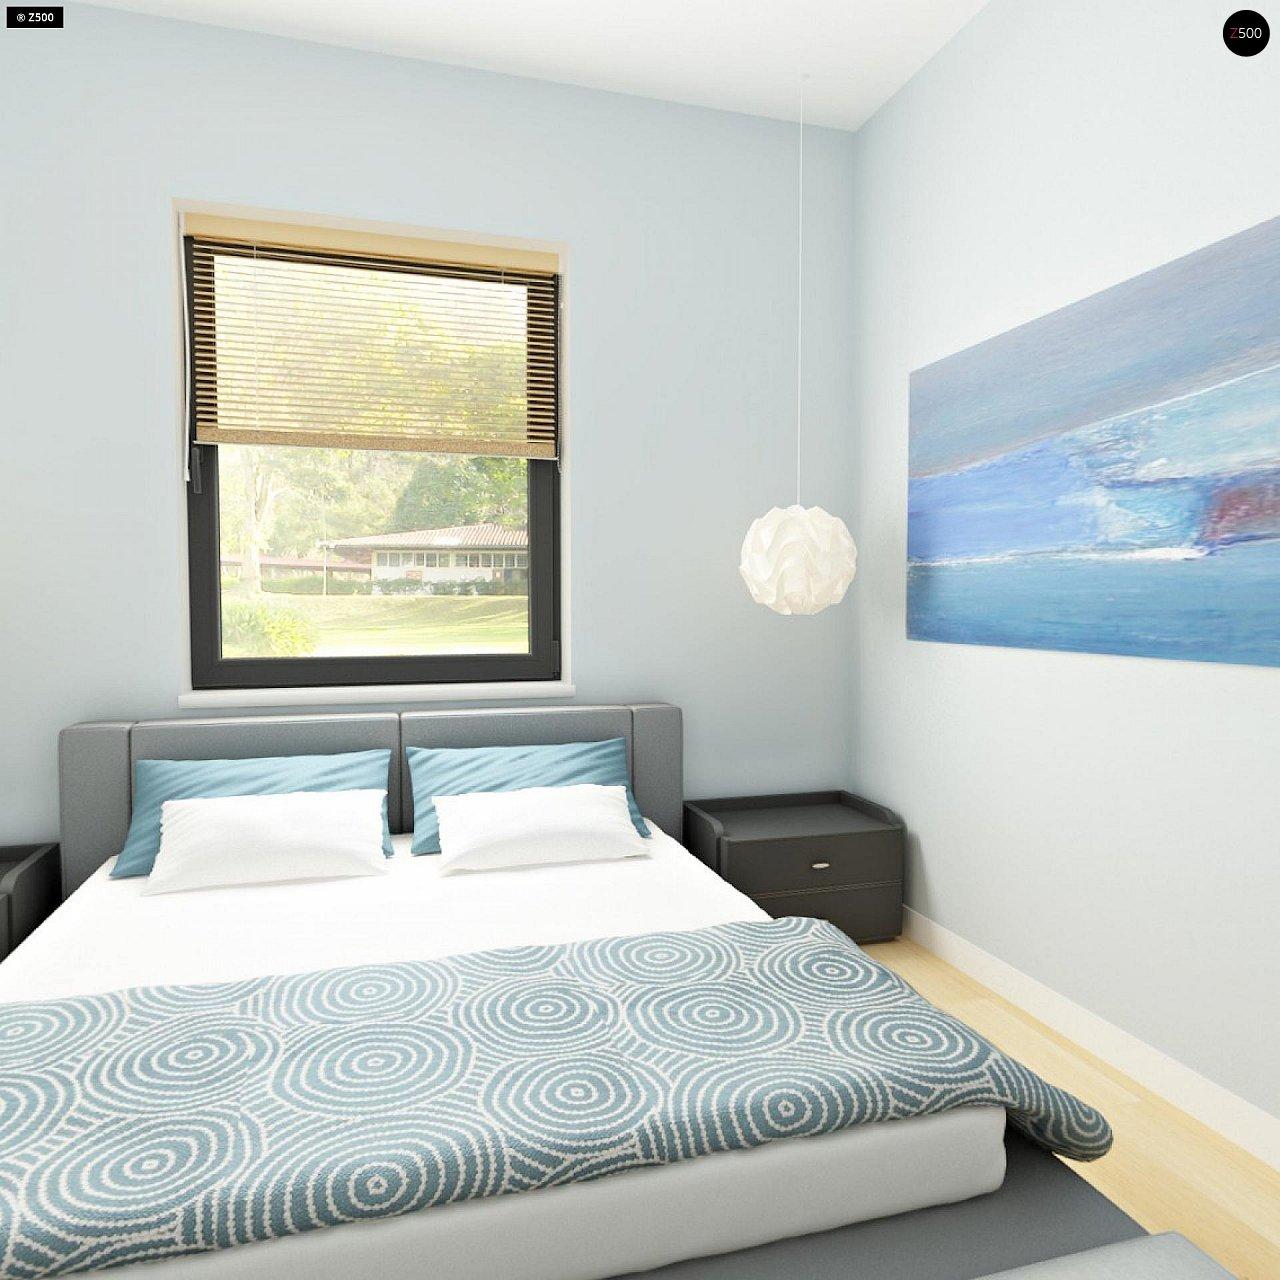 Практичный одноэтажный дом с 4-х скатной кровлей и угловым окном в кухне. 13